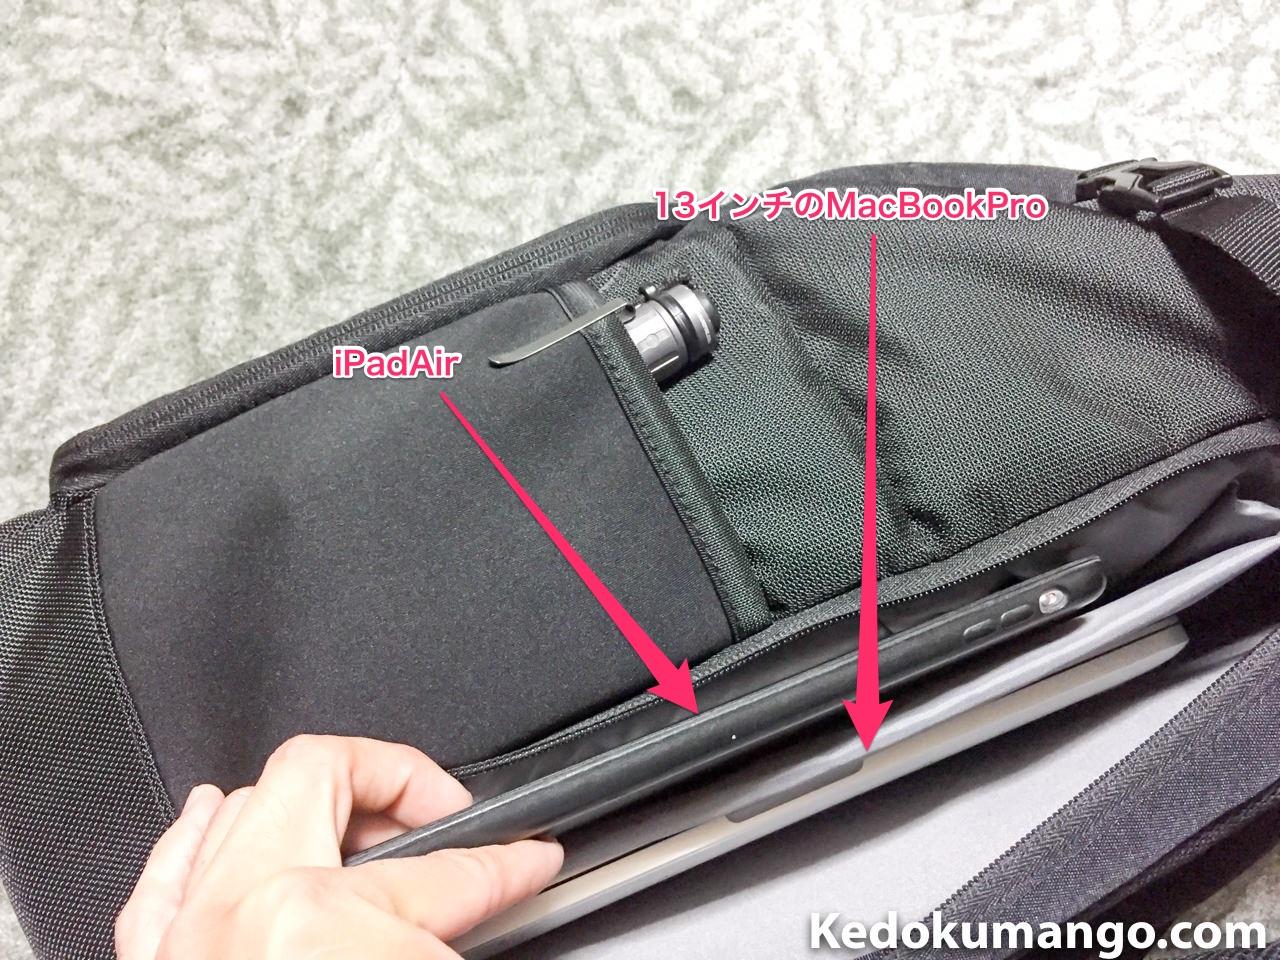 MacBookProとiPadAirの収納例